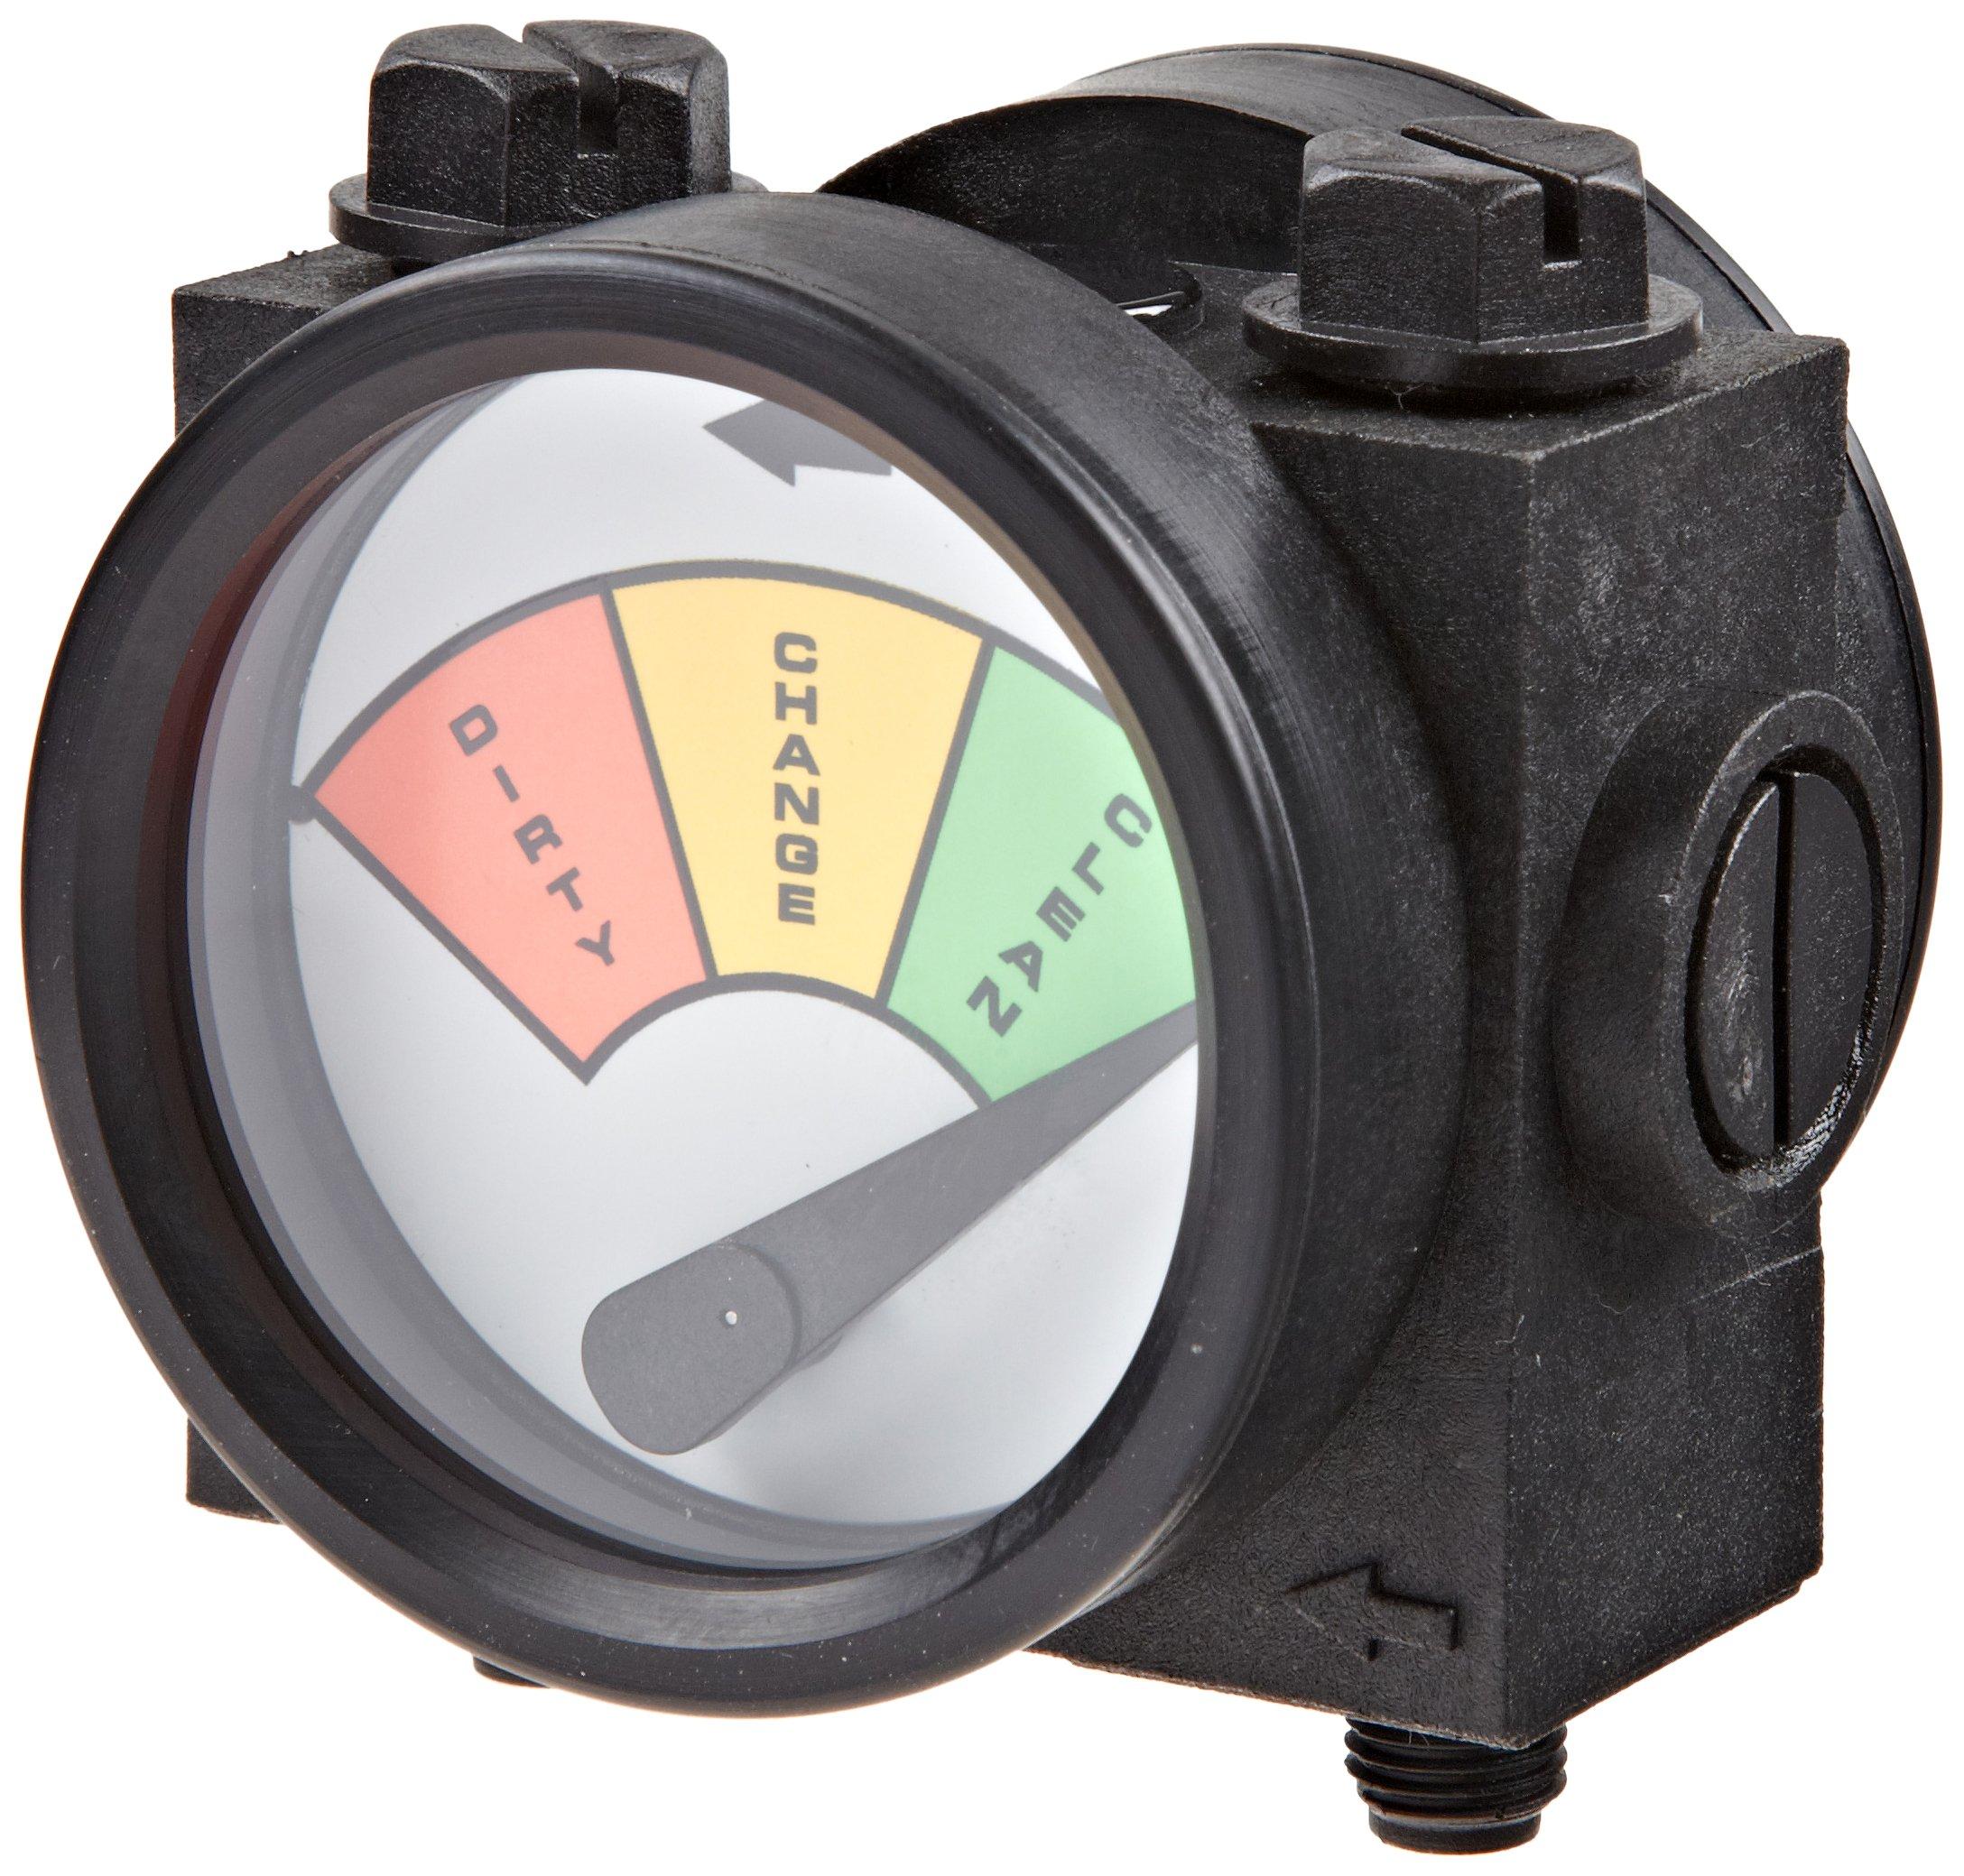 Pentek 143549 Differential Pressure Gauge by Pentek